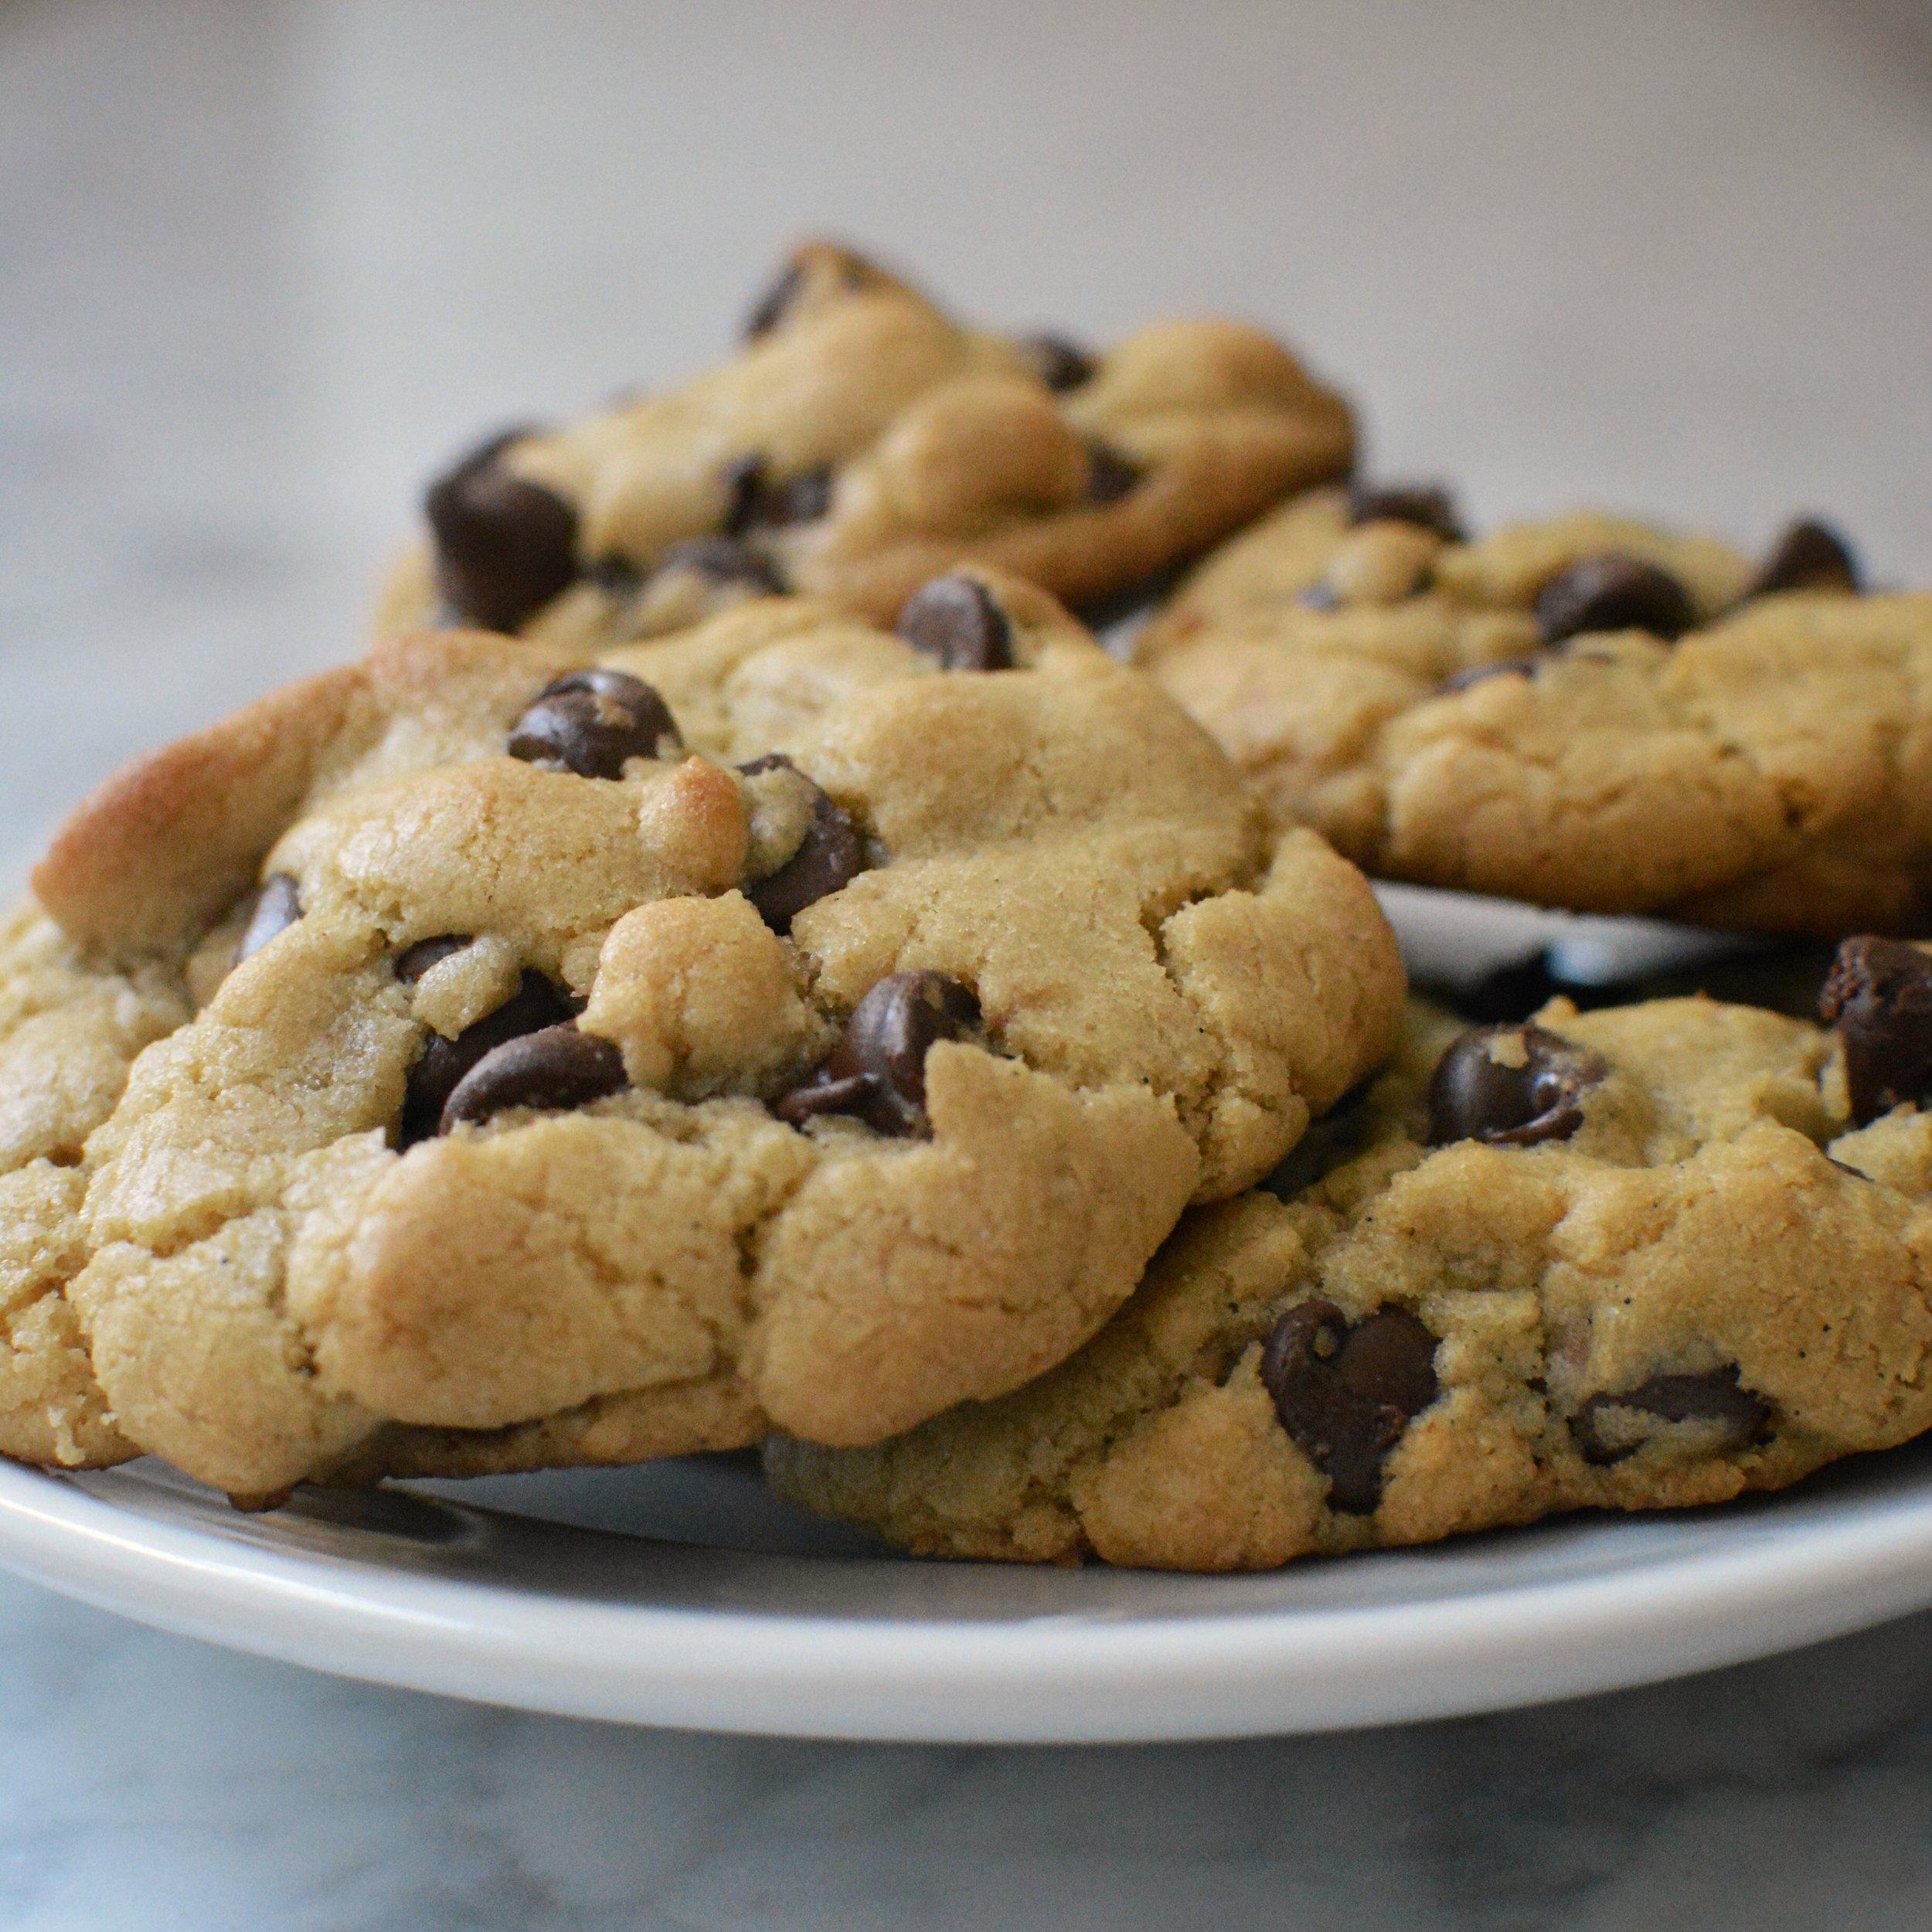 mandy-naglich-cookies.jpg